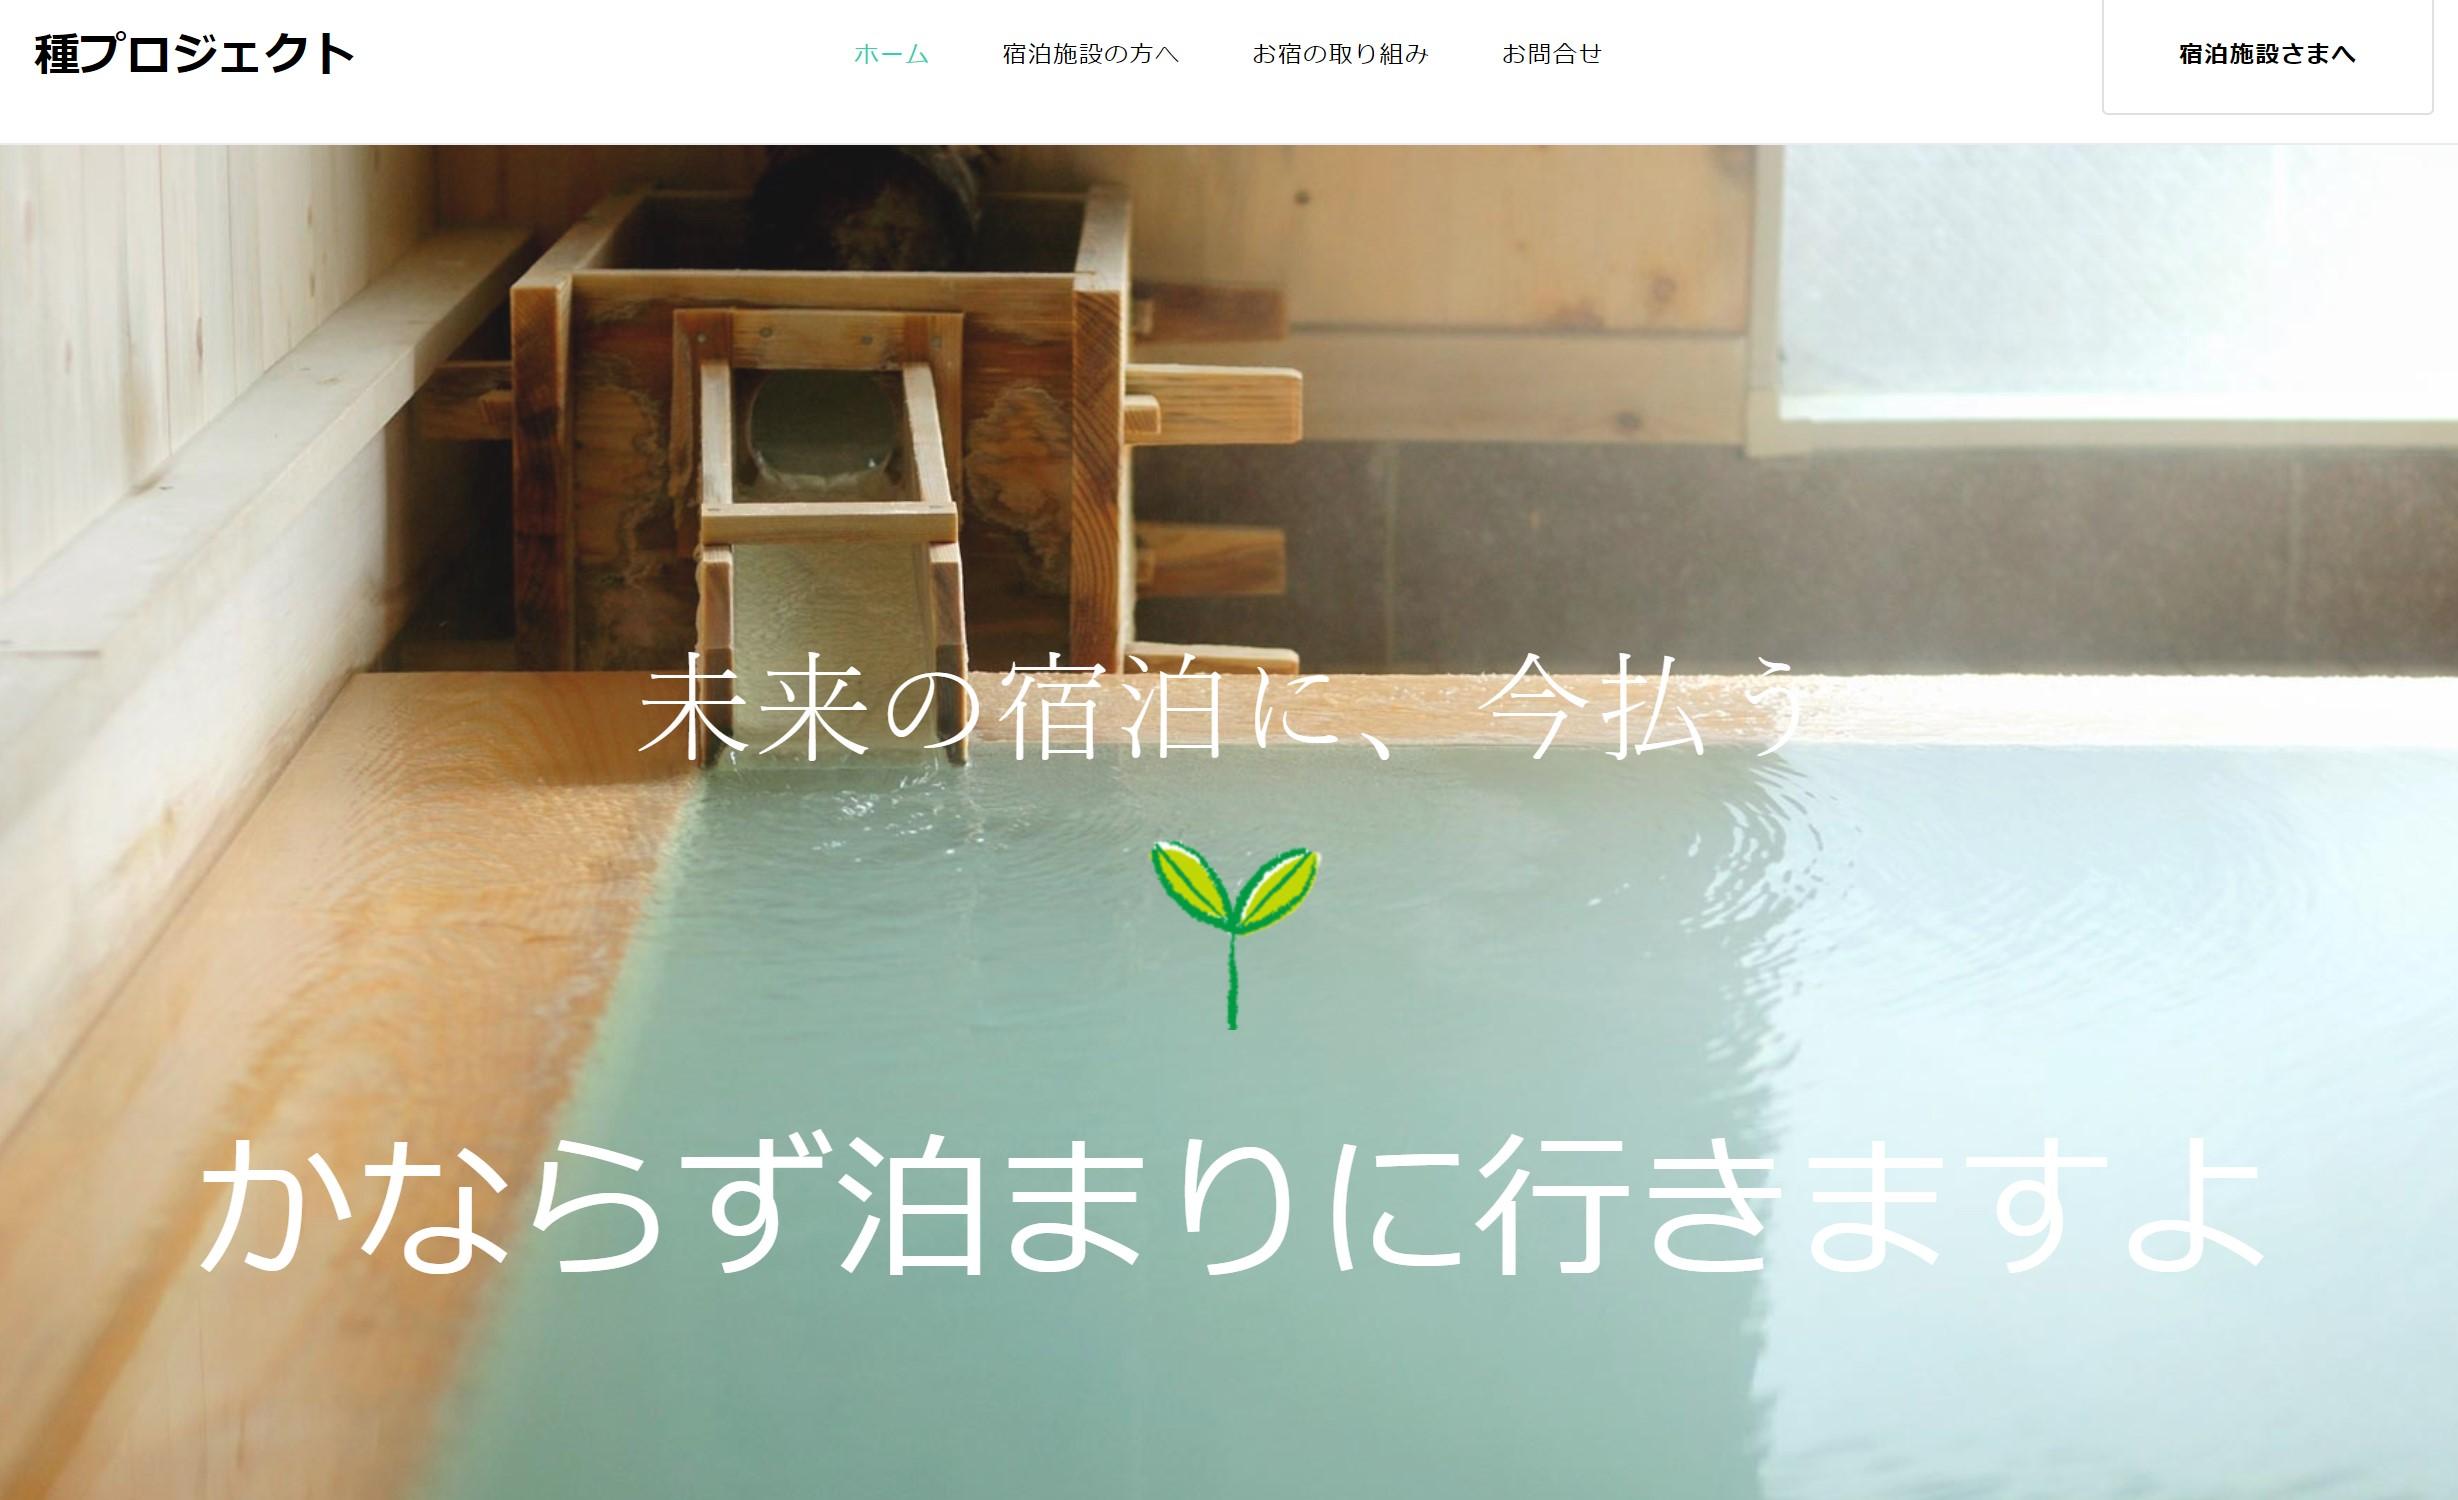 旅館 未来の宿泊券 種プロジェクト